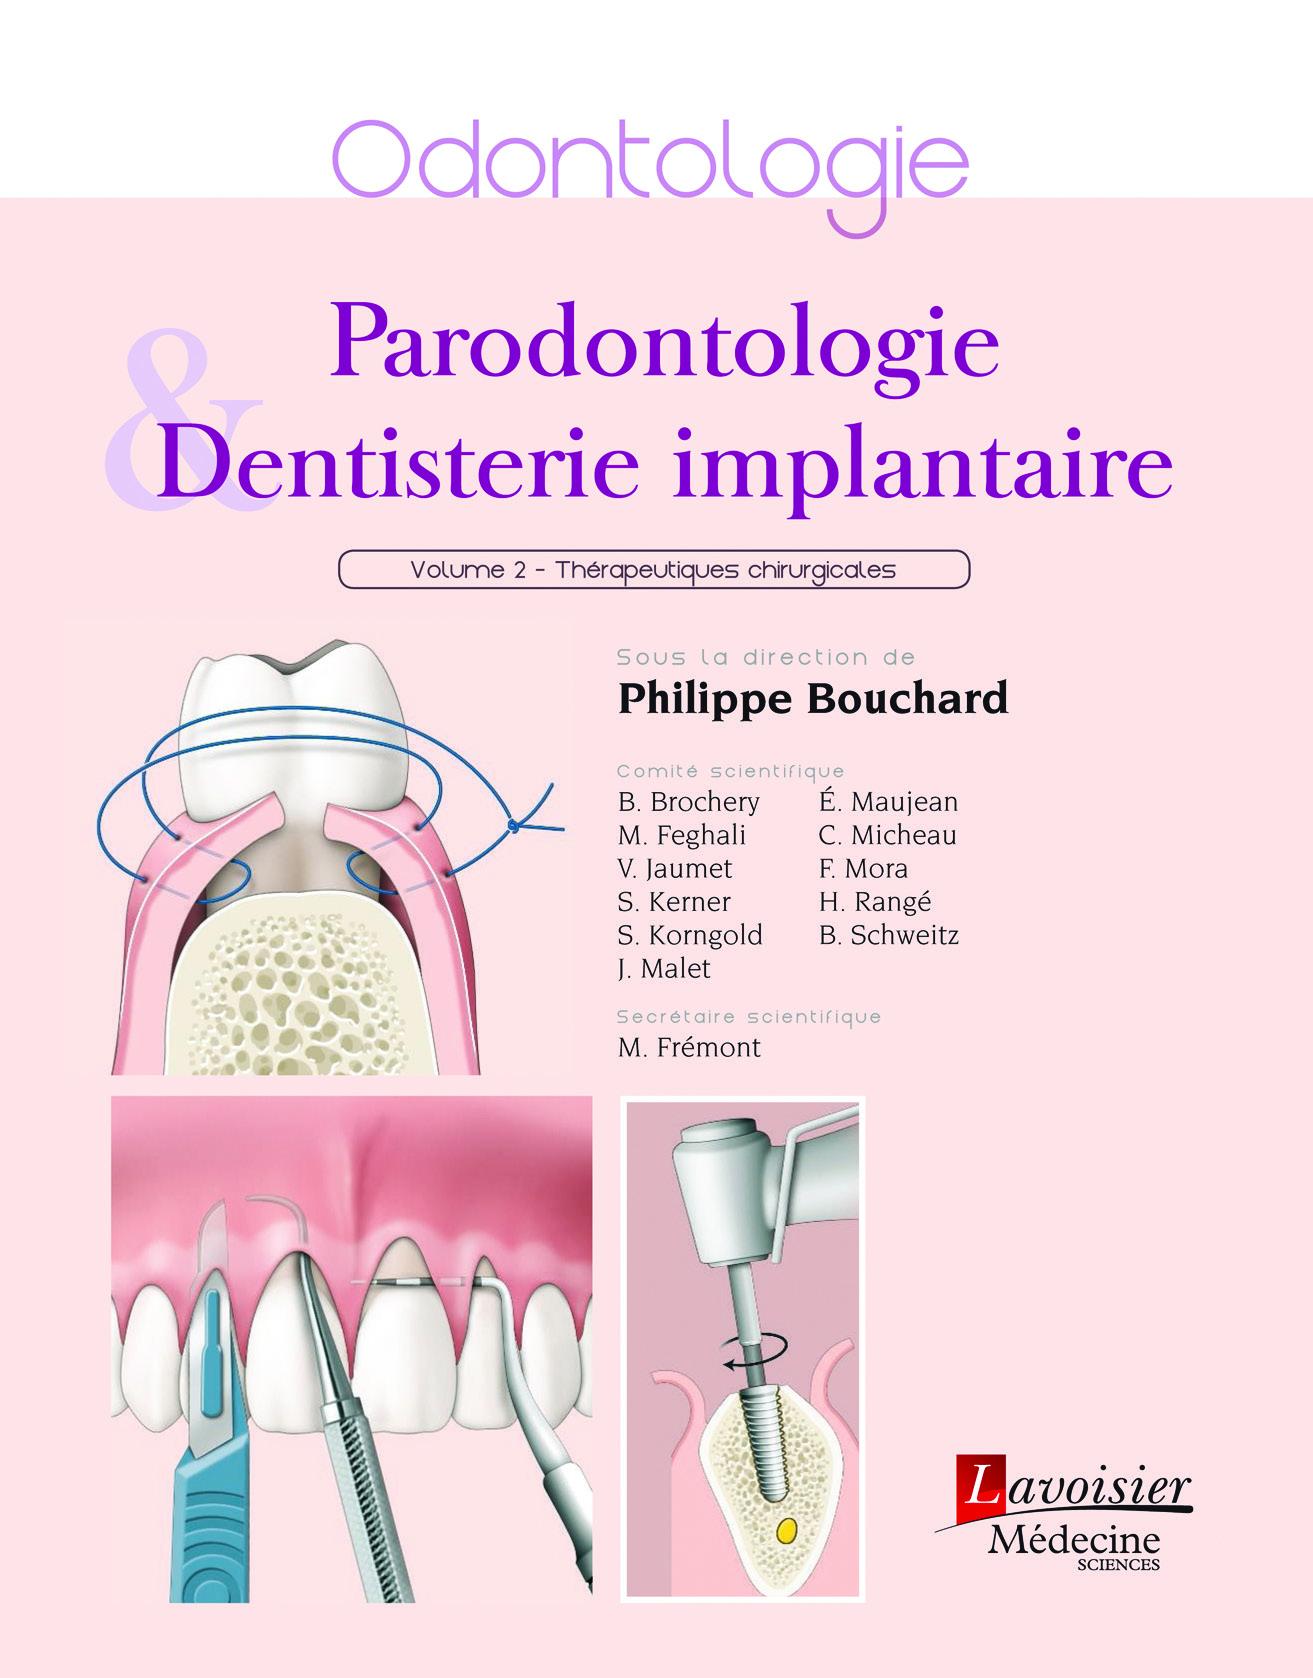 Parodontologie et dentisterie implantaire, volume 2 : Thérapeutiques chirurgicales